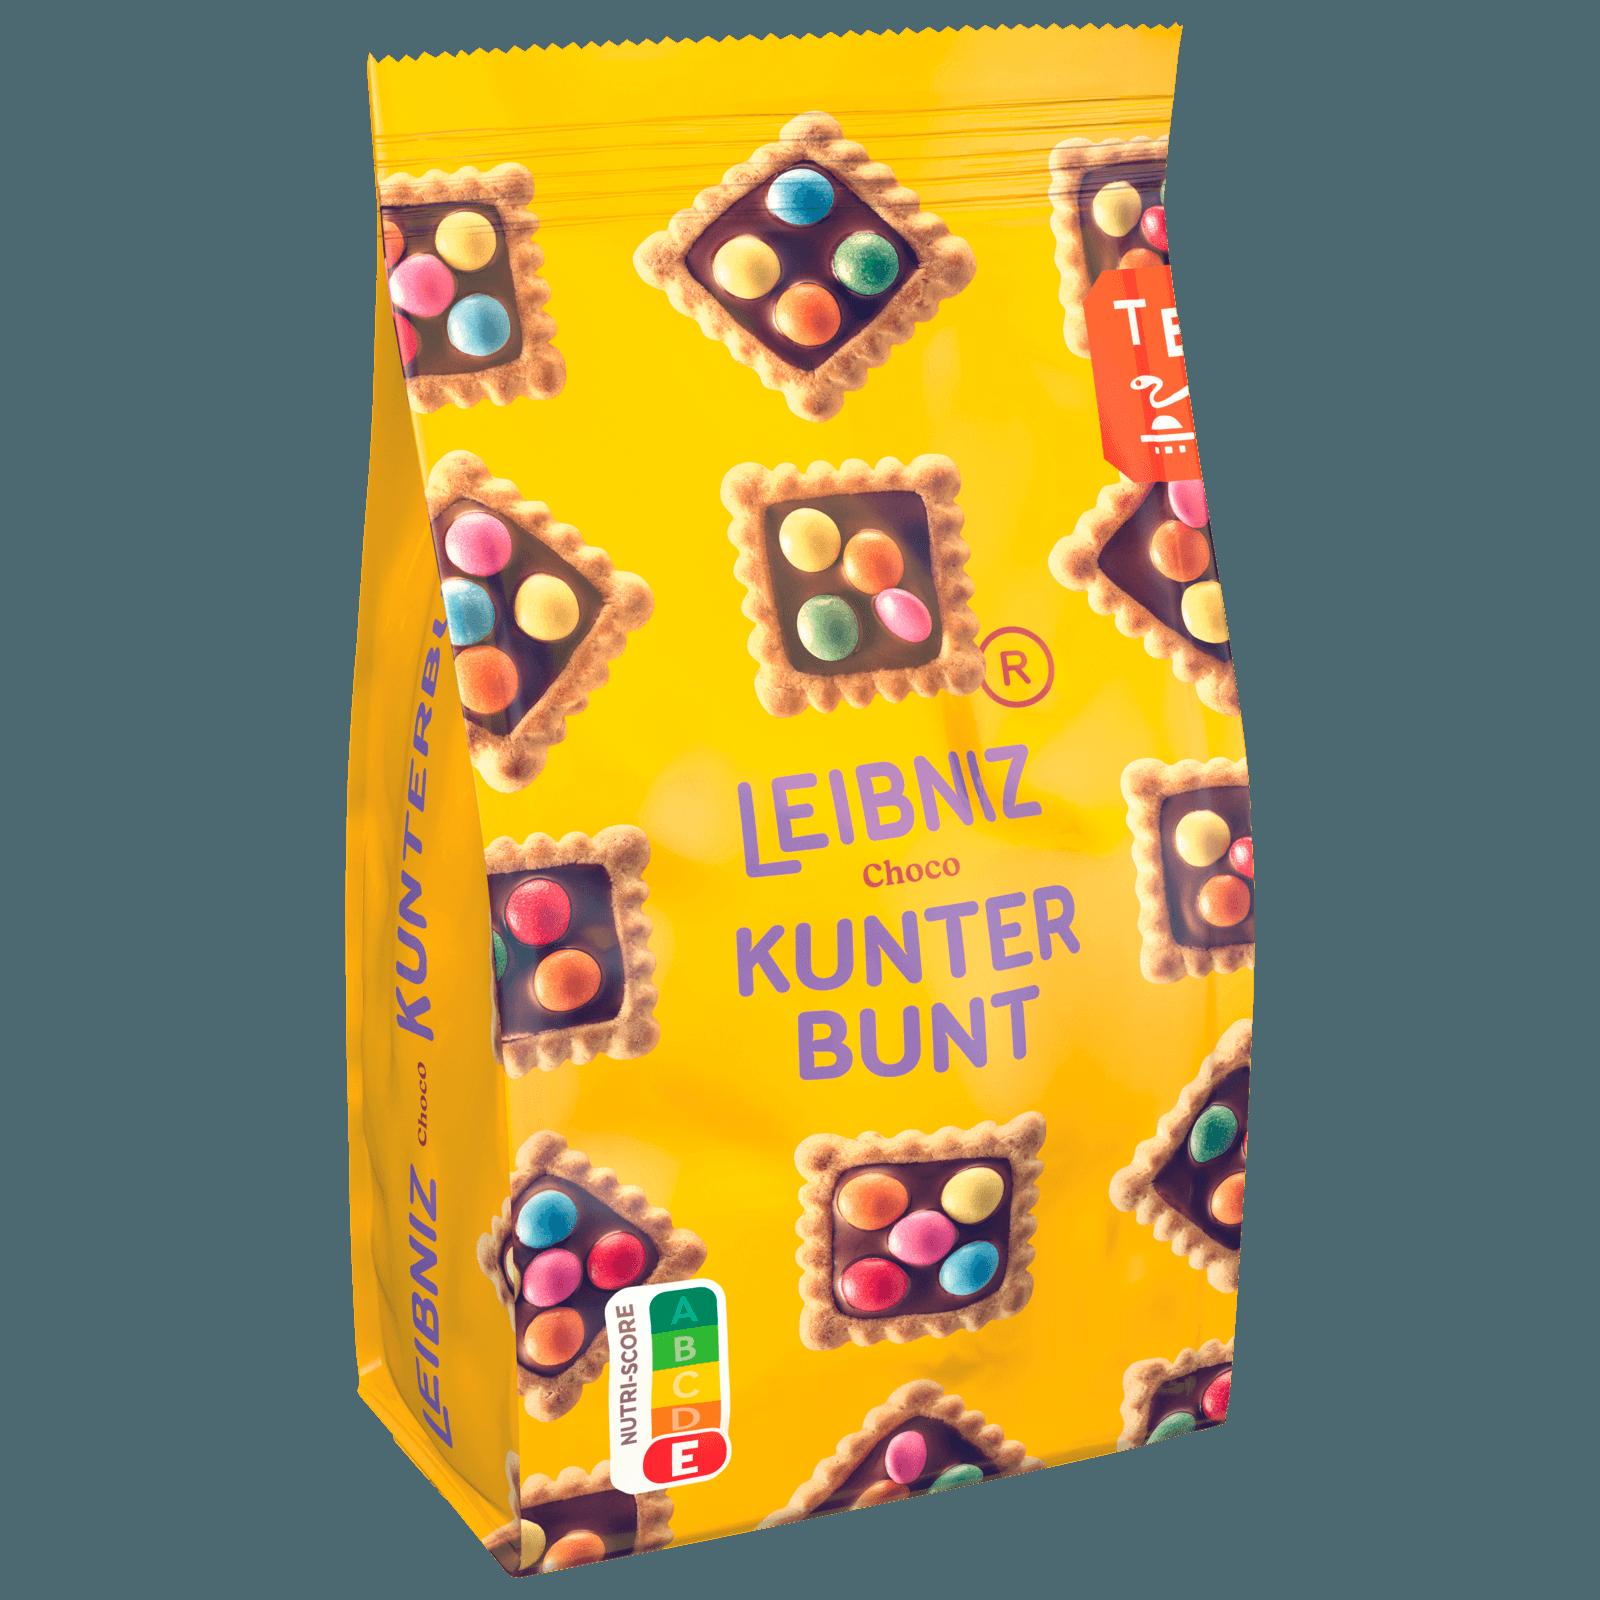 Leibniz Kunterbunt 150g